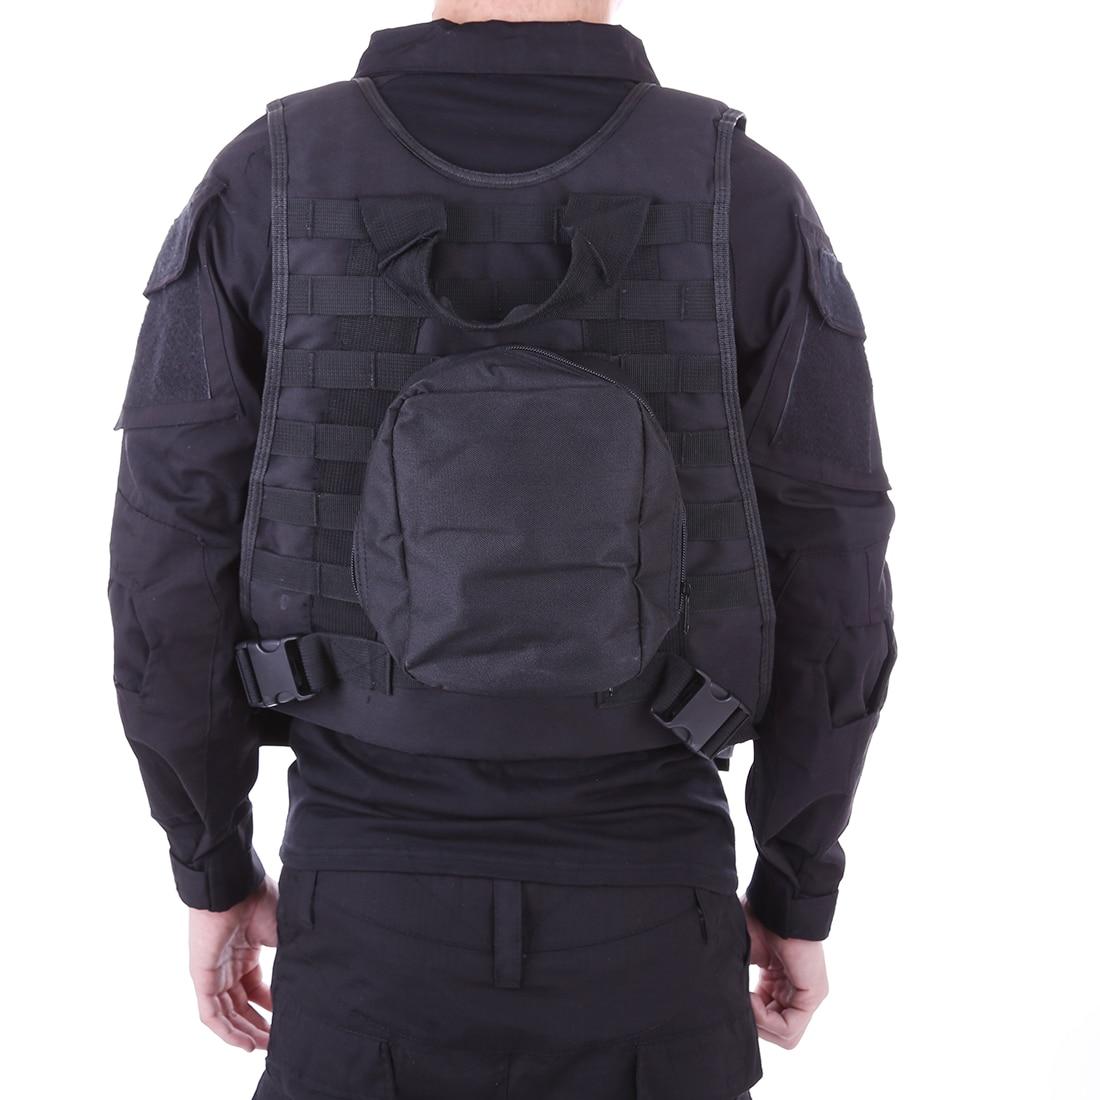 Gilet multi-fonction FSBE extérieur tactique résistant aux coups de couteau pour Nerf CS Defence Sportswear-noir